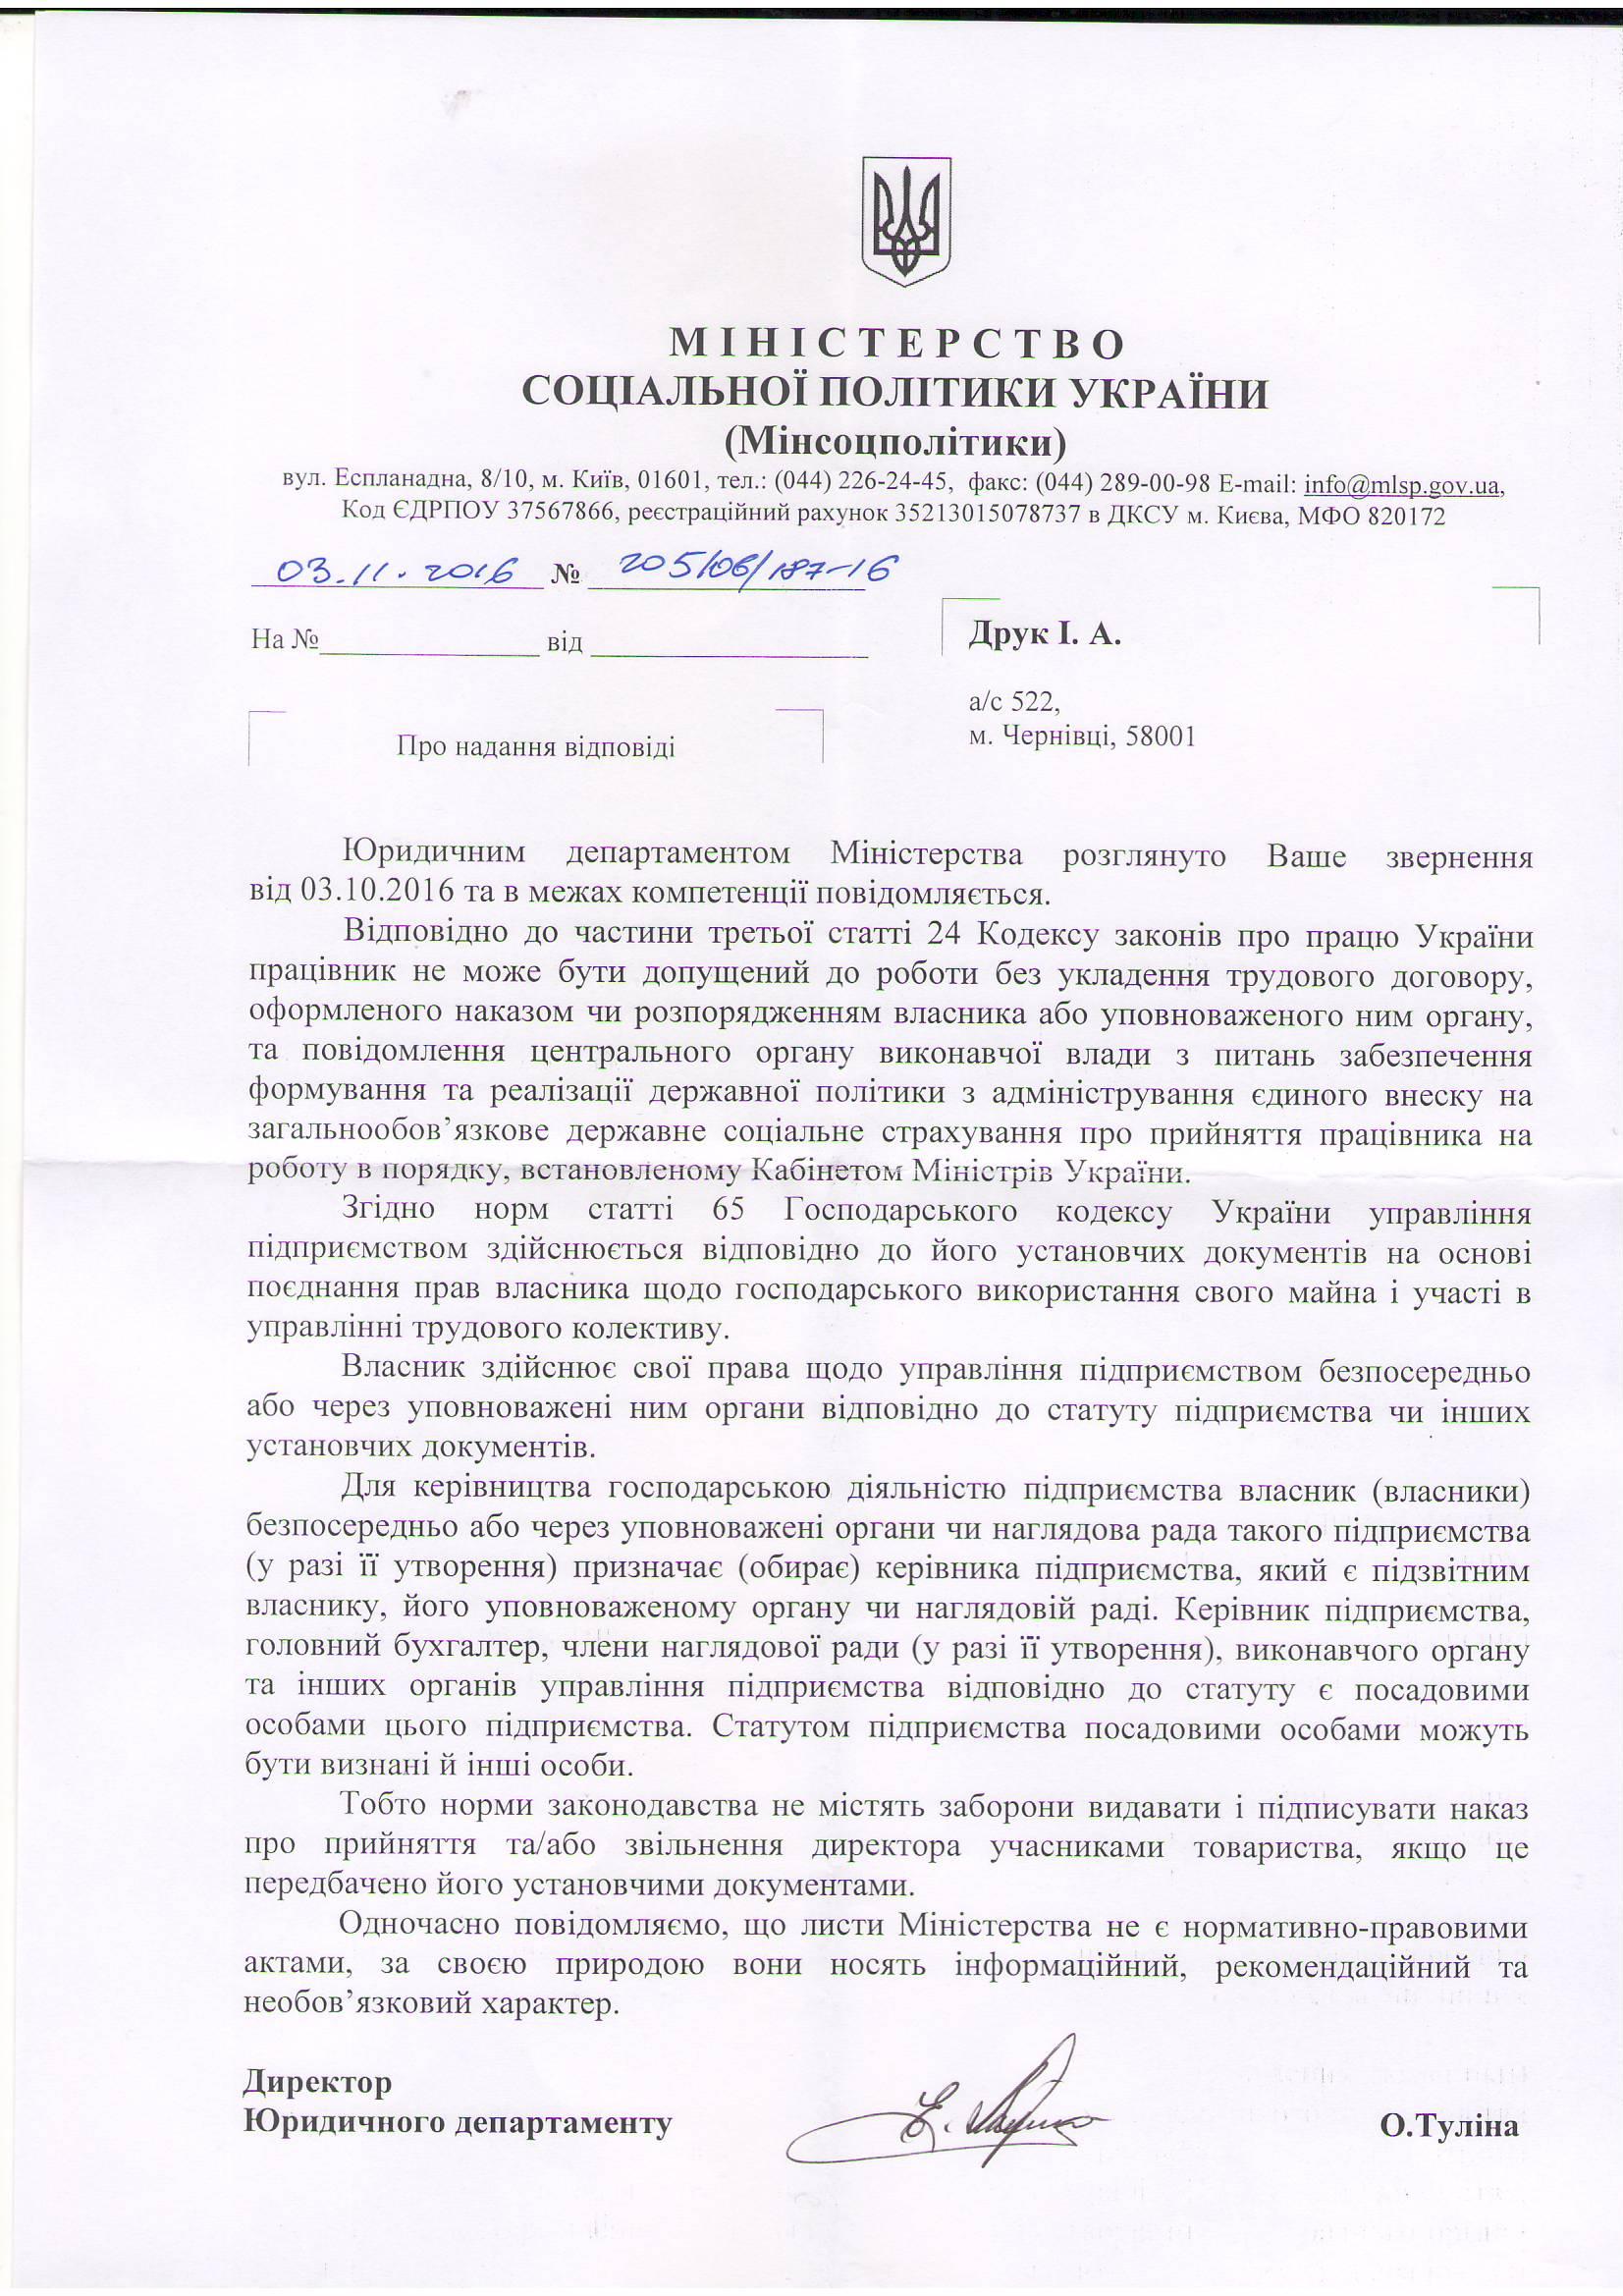 vidpovid-minsotspolityky-shhodo-dyrektora